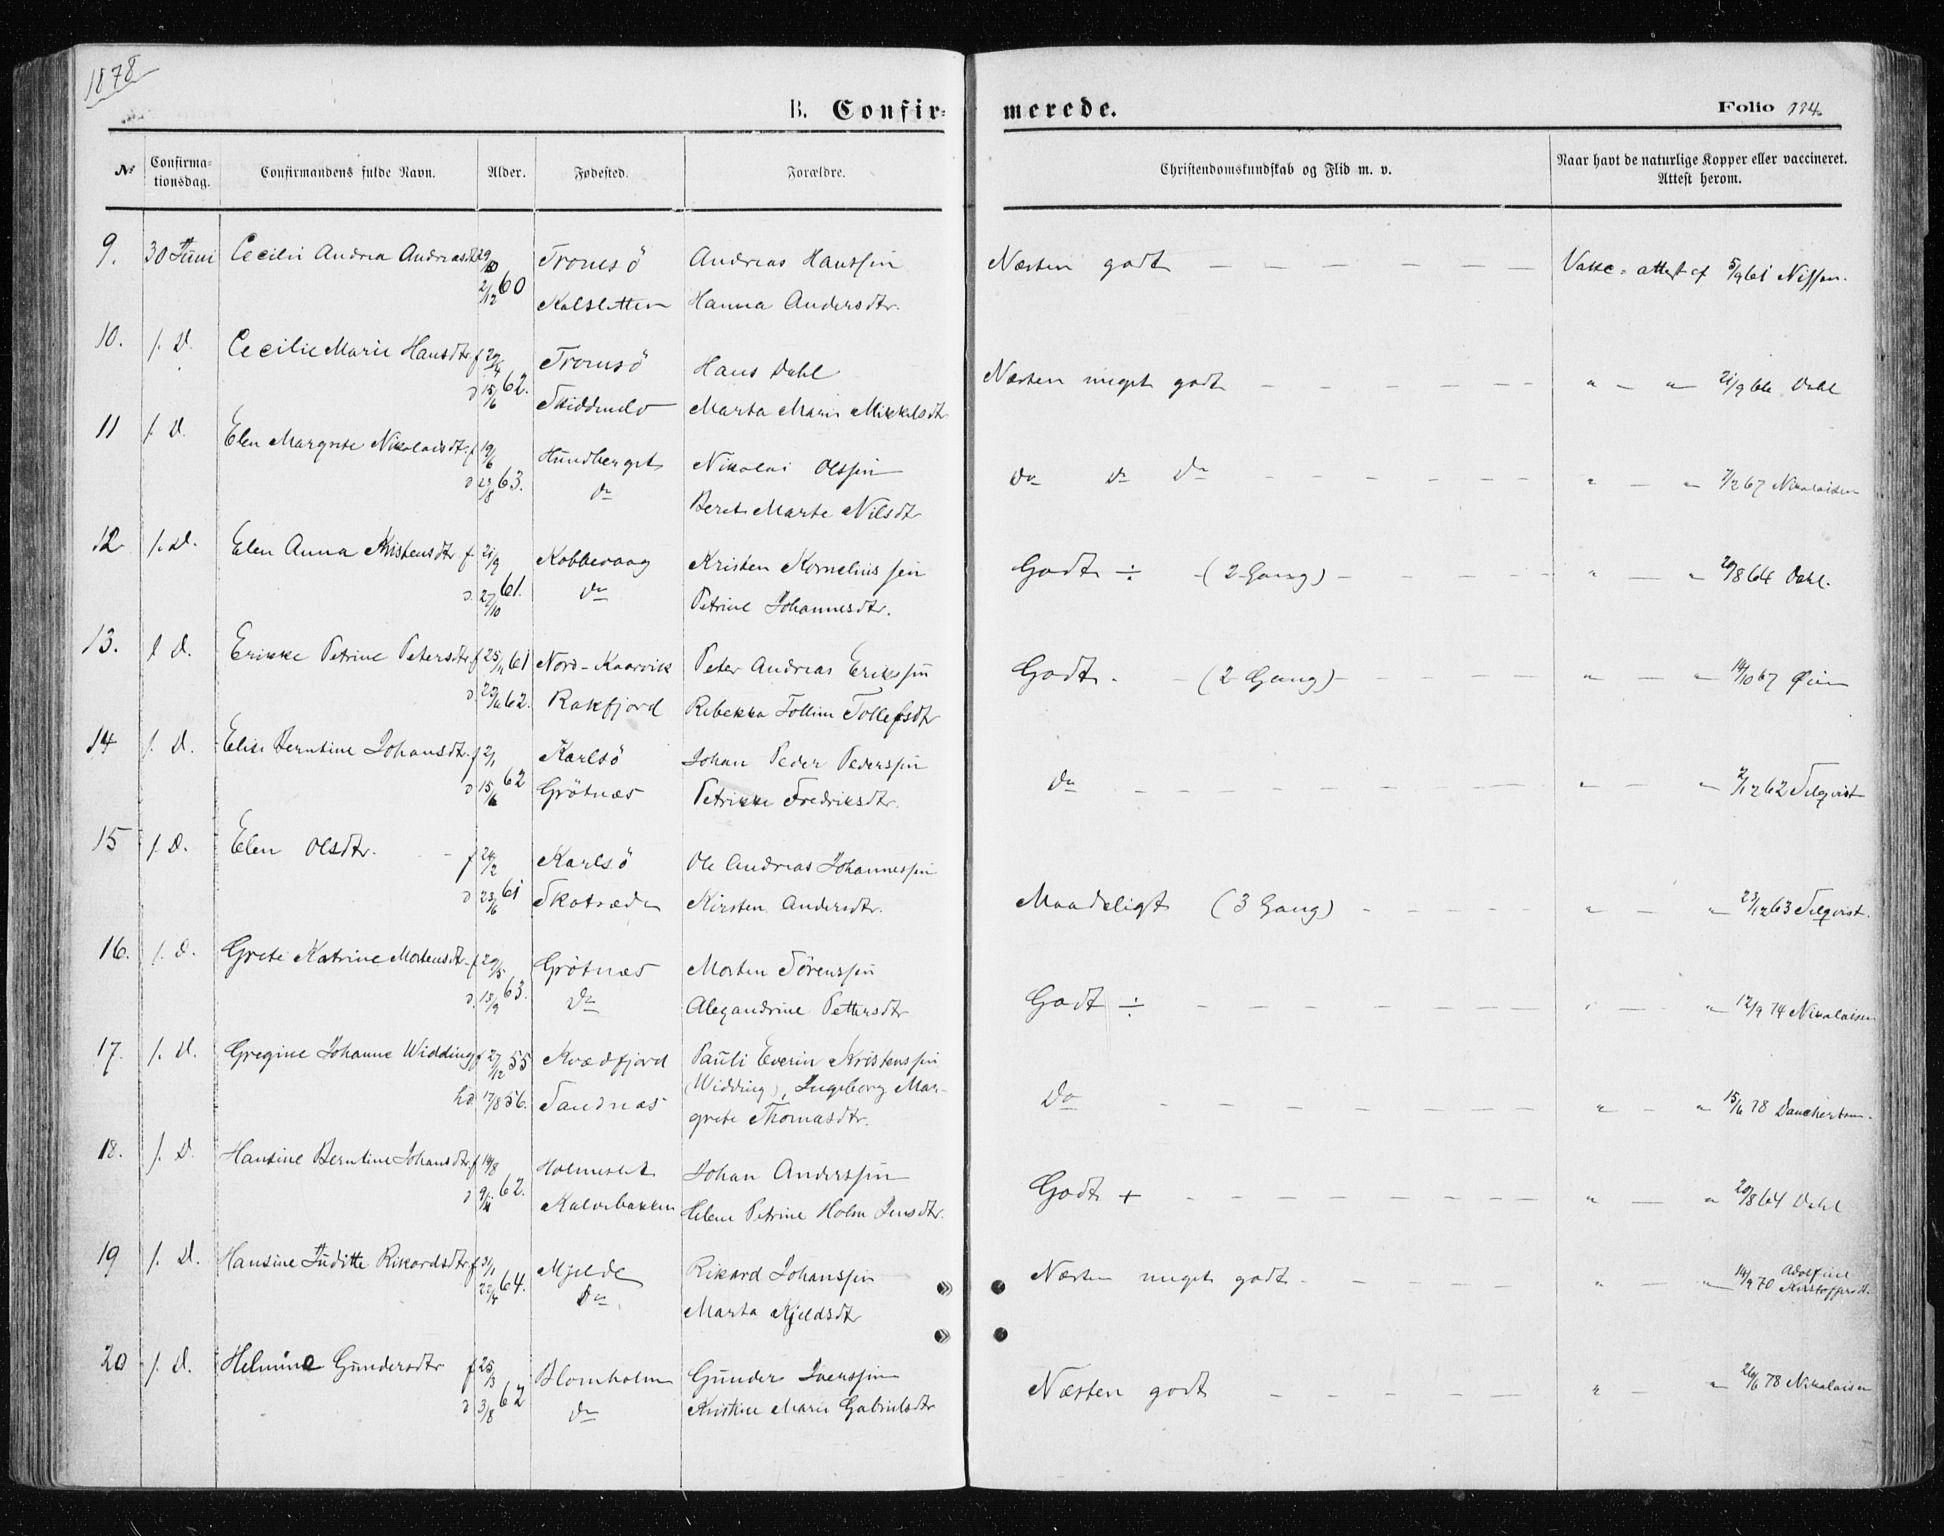 SATØ, Tromsøysund sokneprestkontor, G/Ga/L0003kirke: Ministerialbok nr. 3, 1875-1880, s. 114